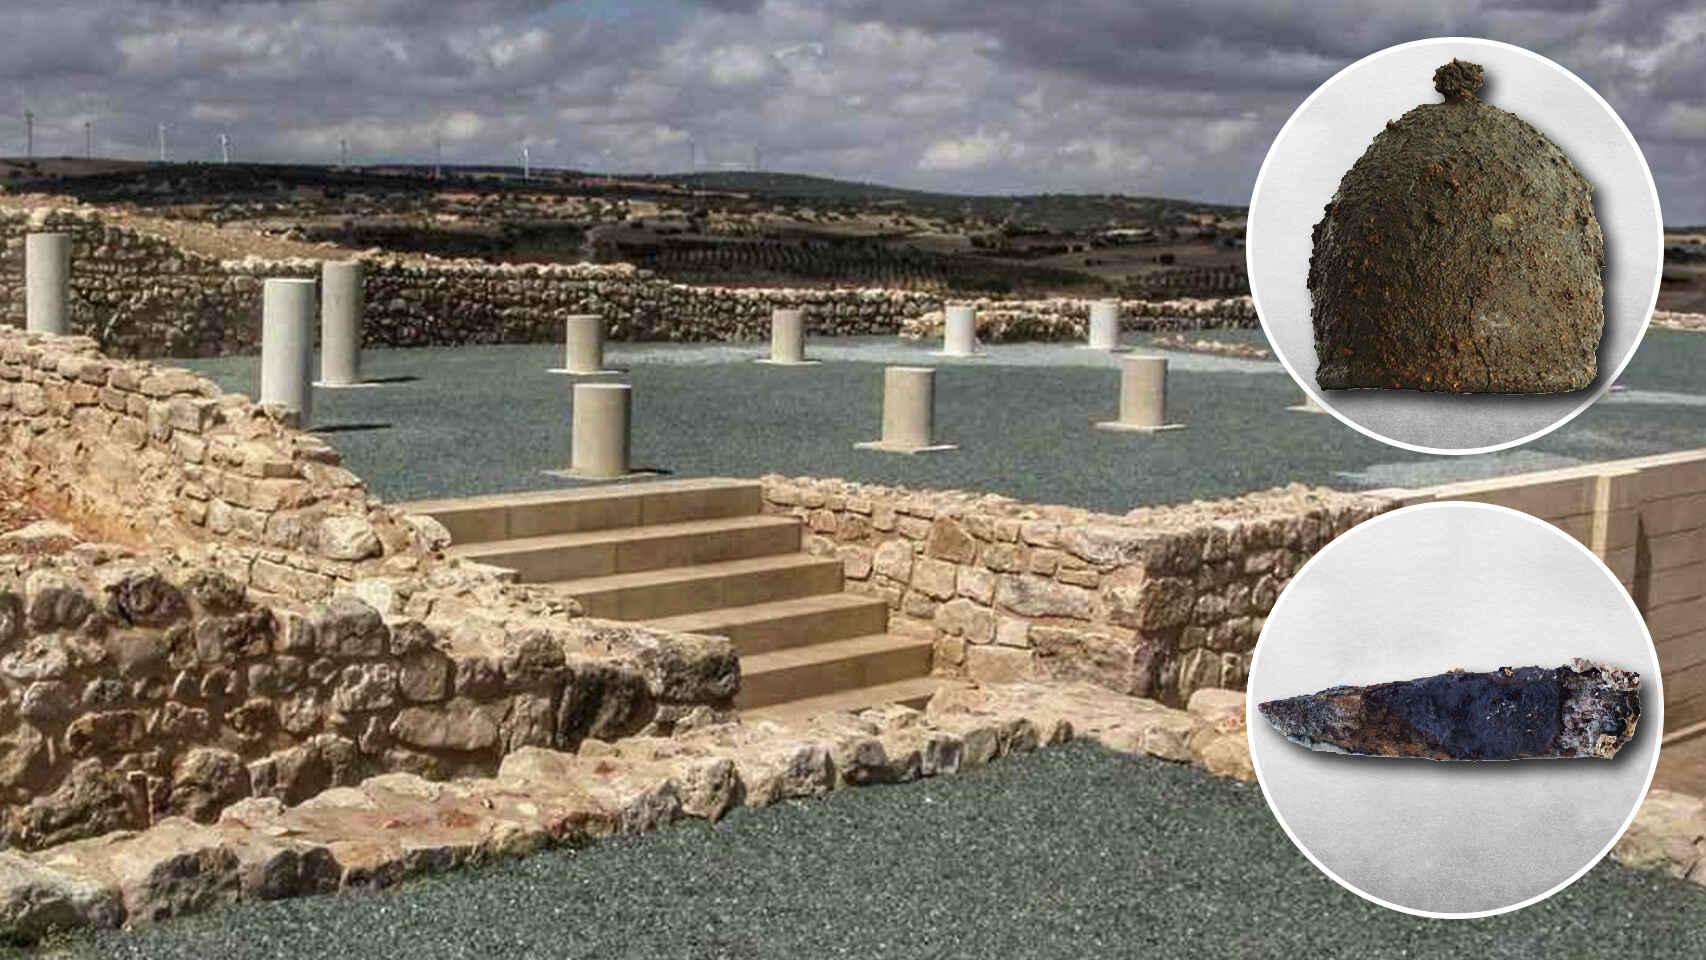 Археологи нашли в Испании оружие, которому более 2000 лет